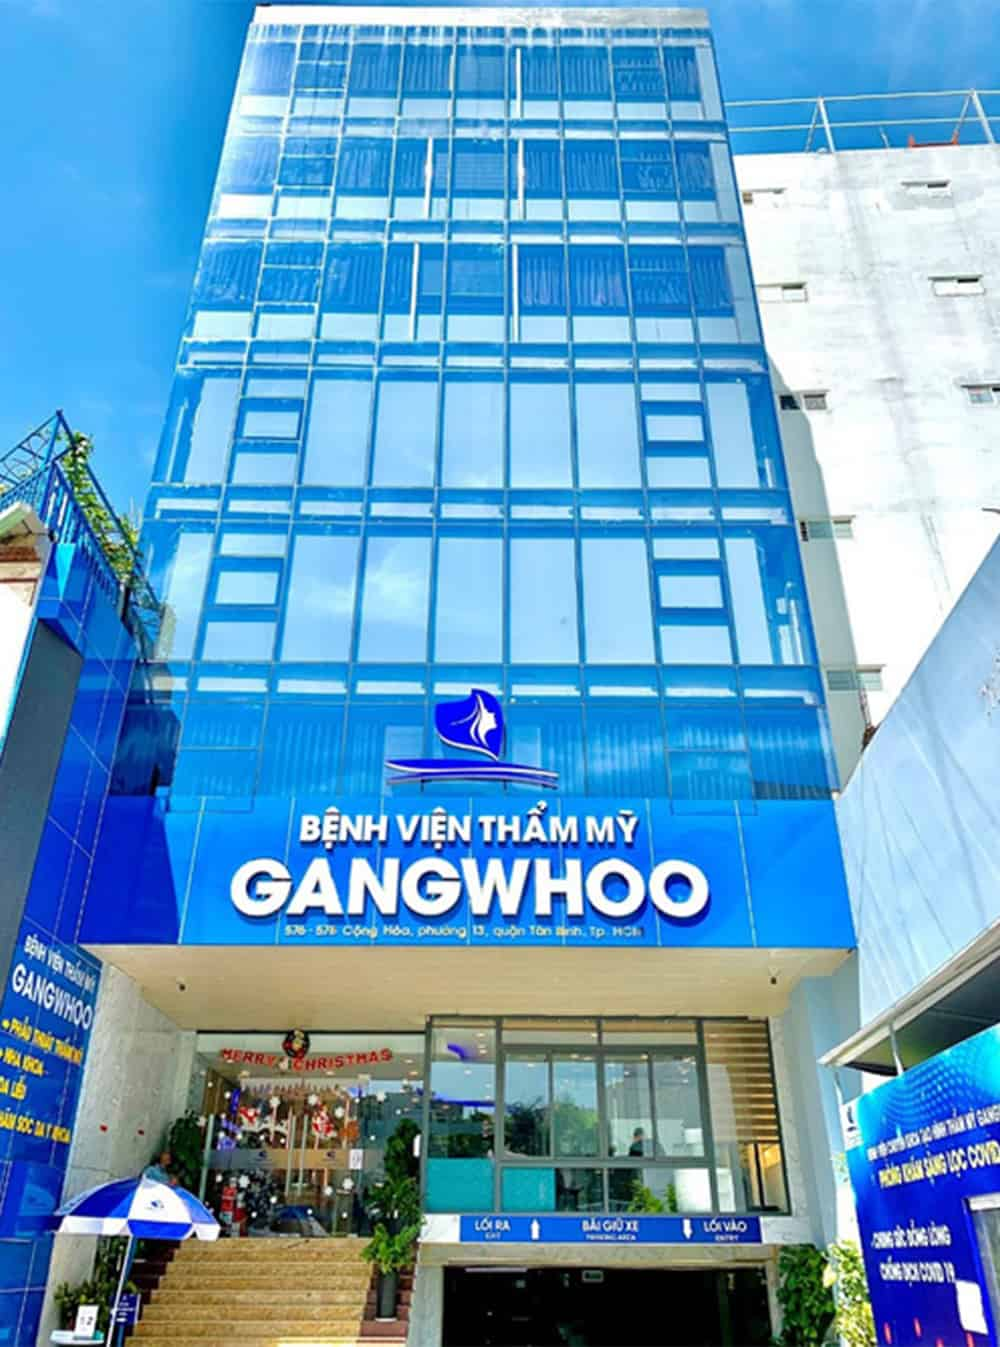 Thẩm mỹ viện GangWhoo | Top 15 địa chỉ nâng mũi giá rẻ chất lượng cực tốt tại TPHCM